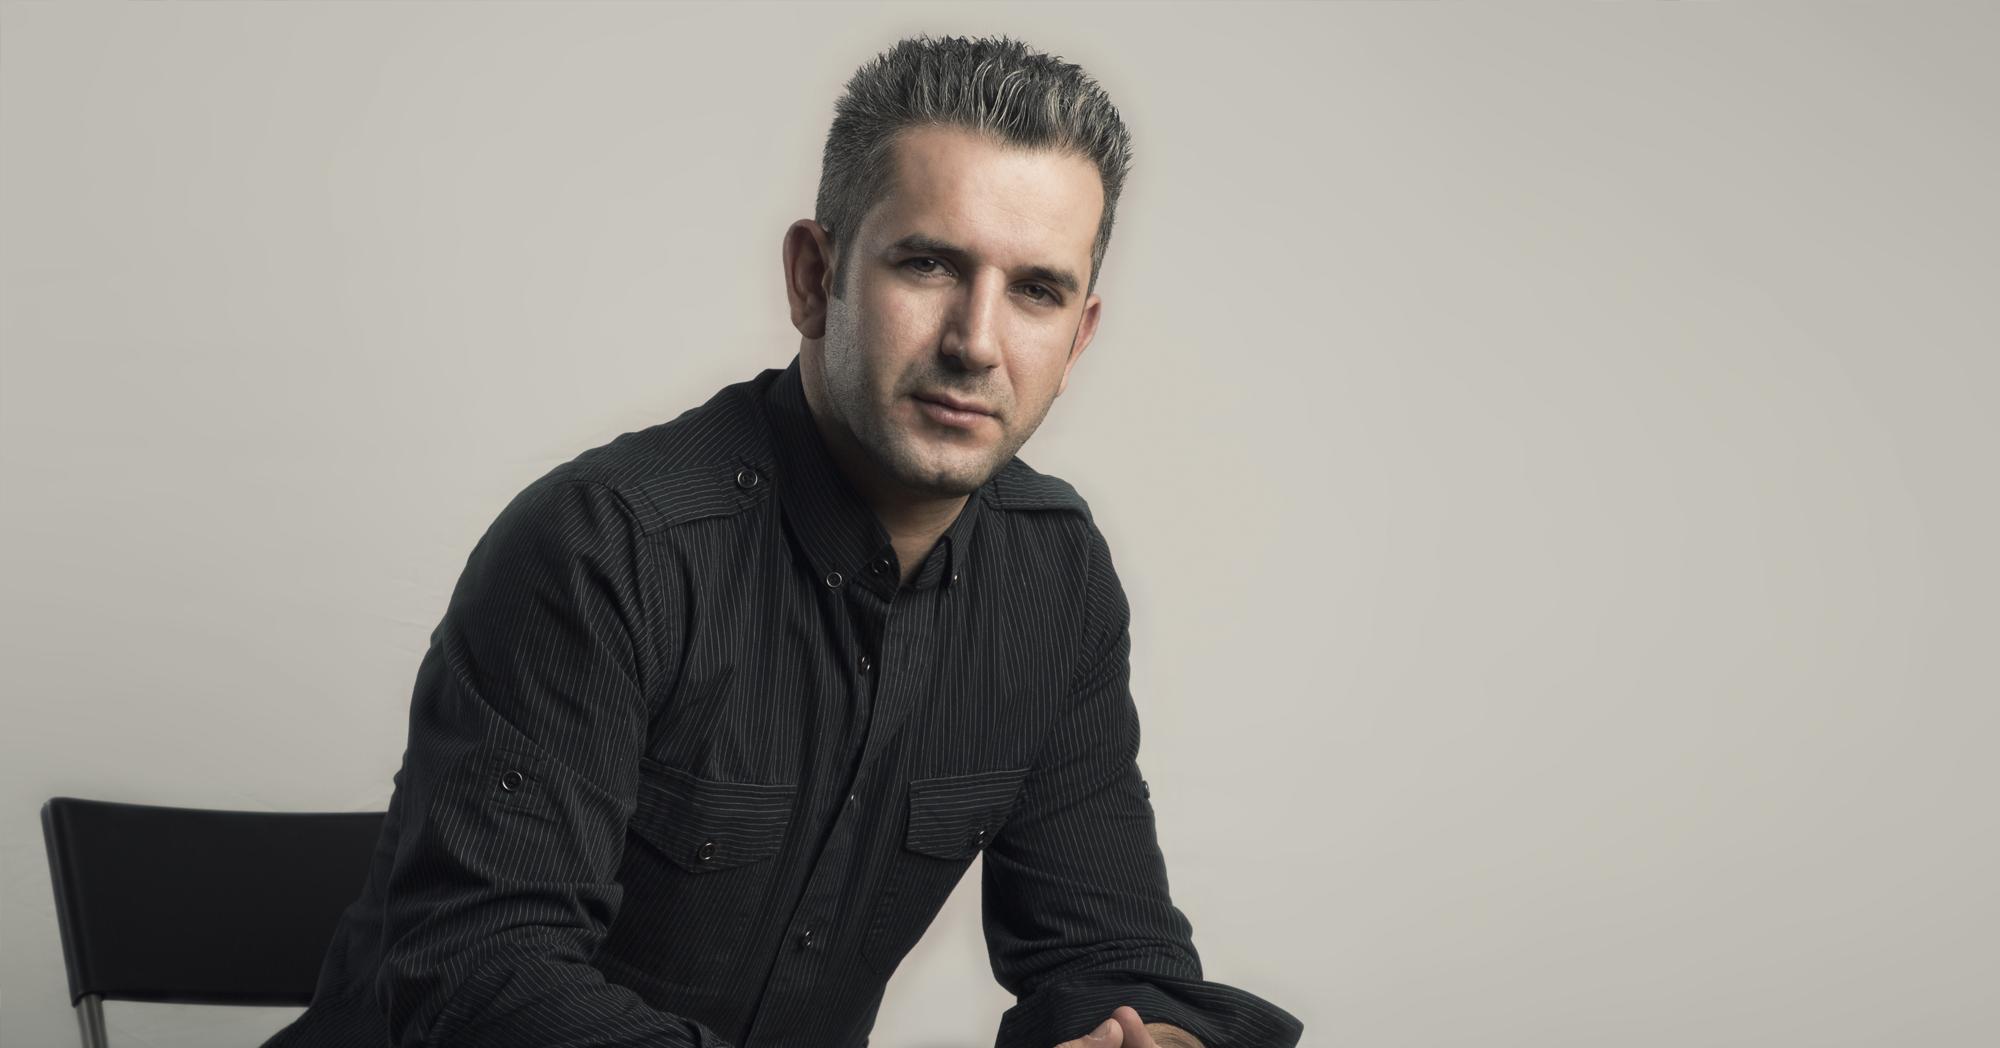 Arsen Gurabardhi